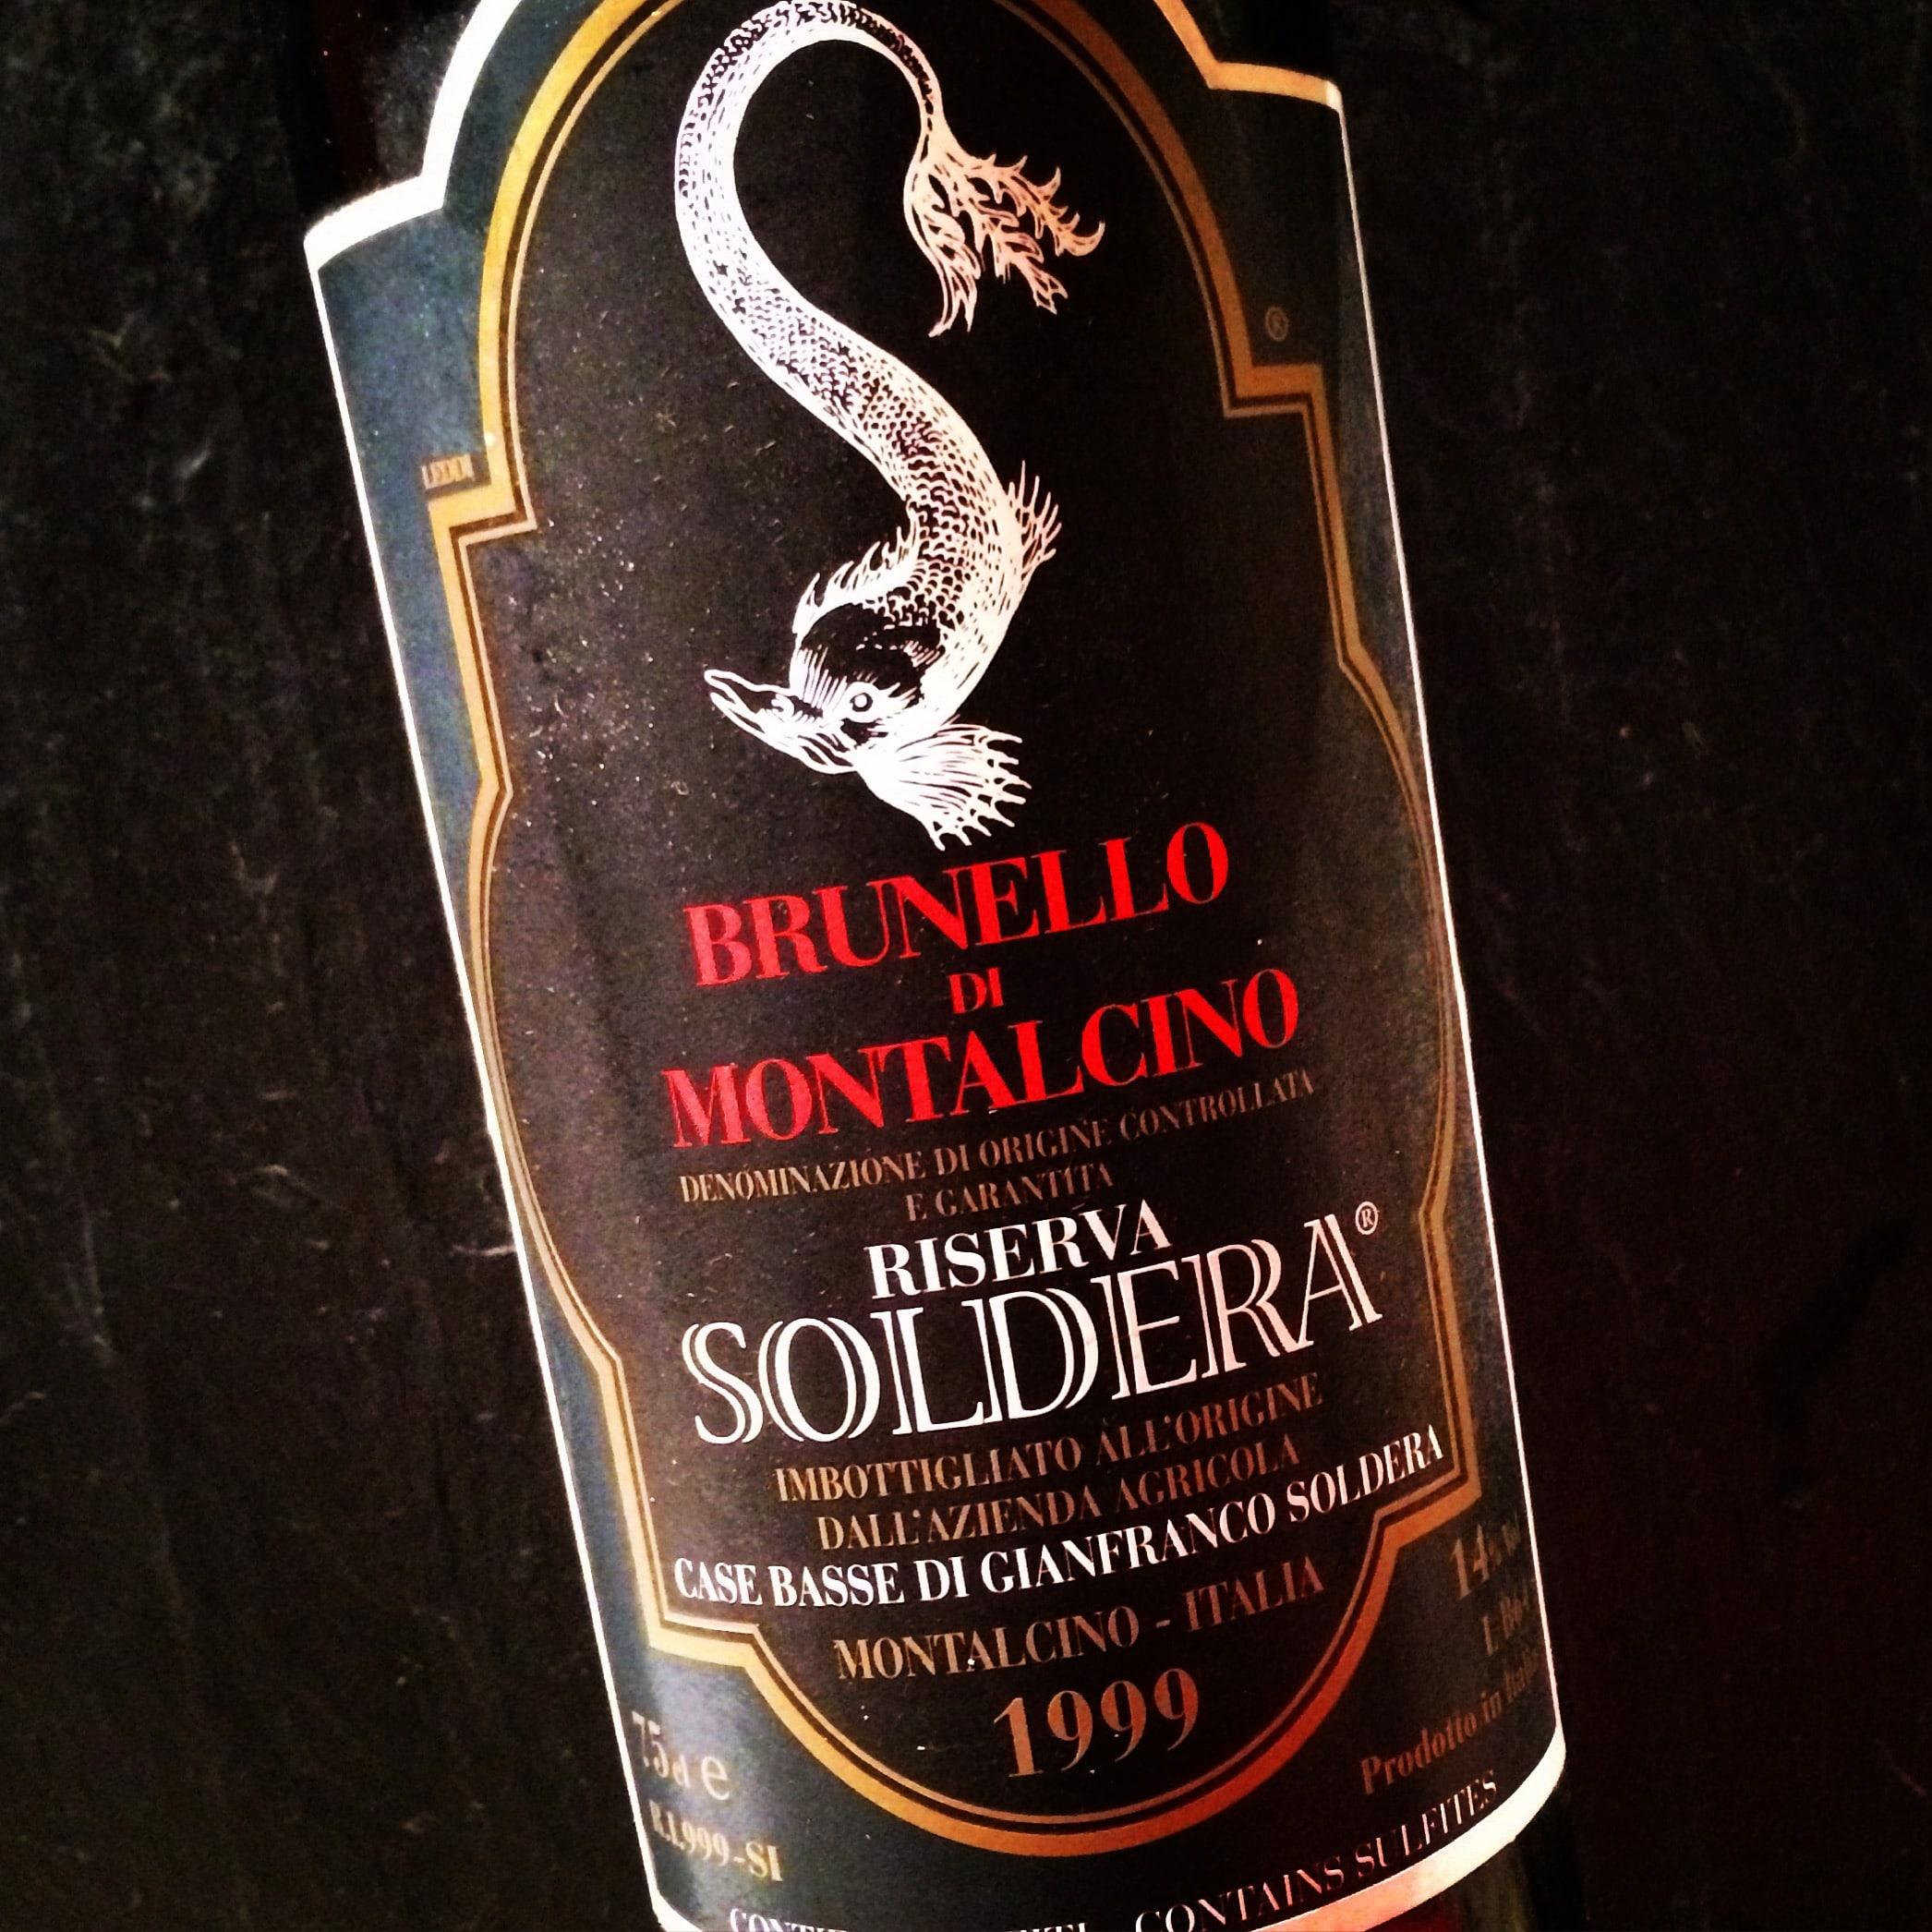 Gianfranco Soldera Brunello di Montalcino Riserva 1999